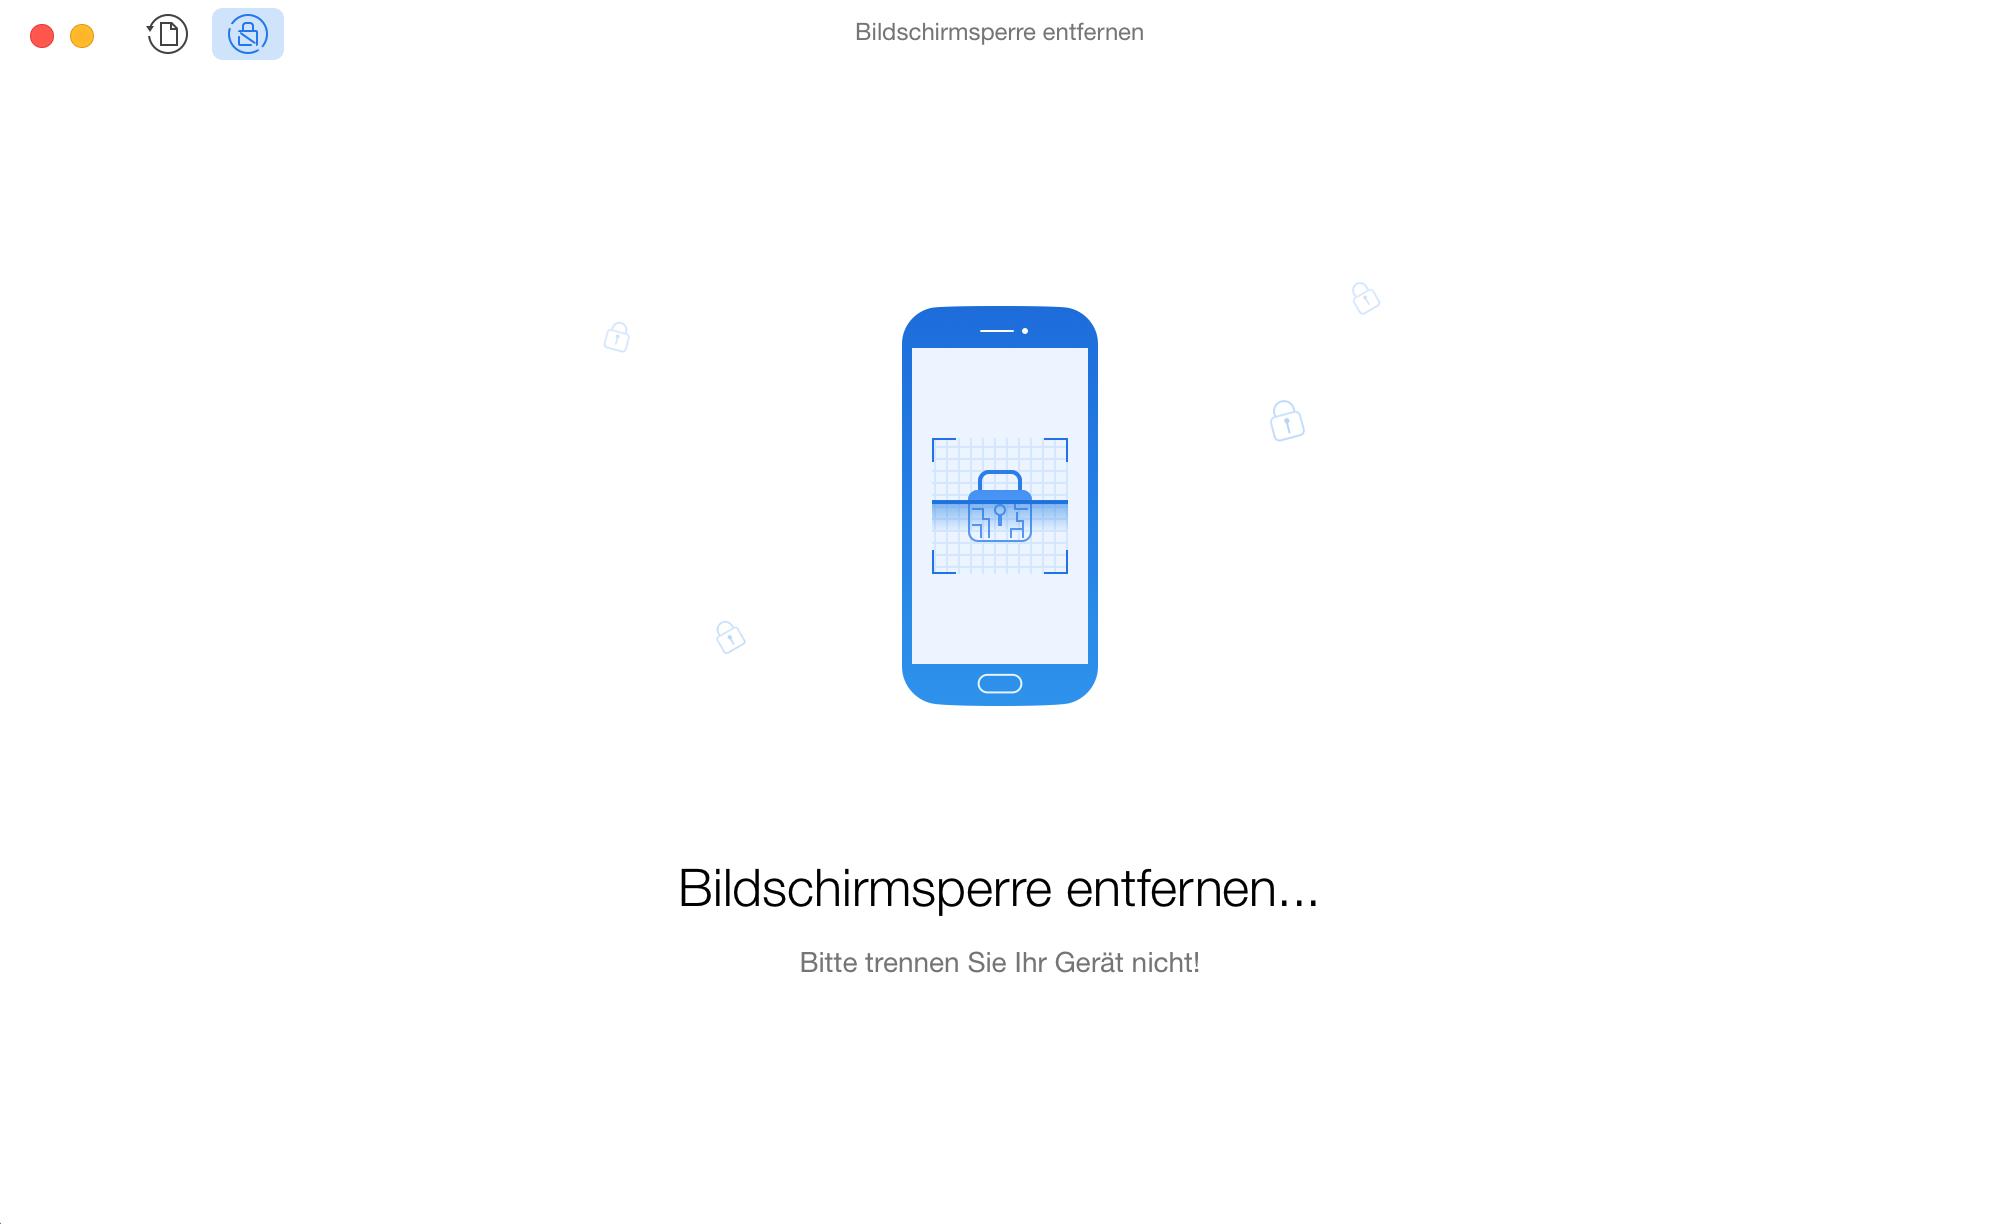 Android Passwort entfernen - Schritt 3